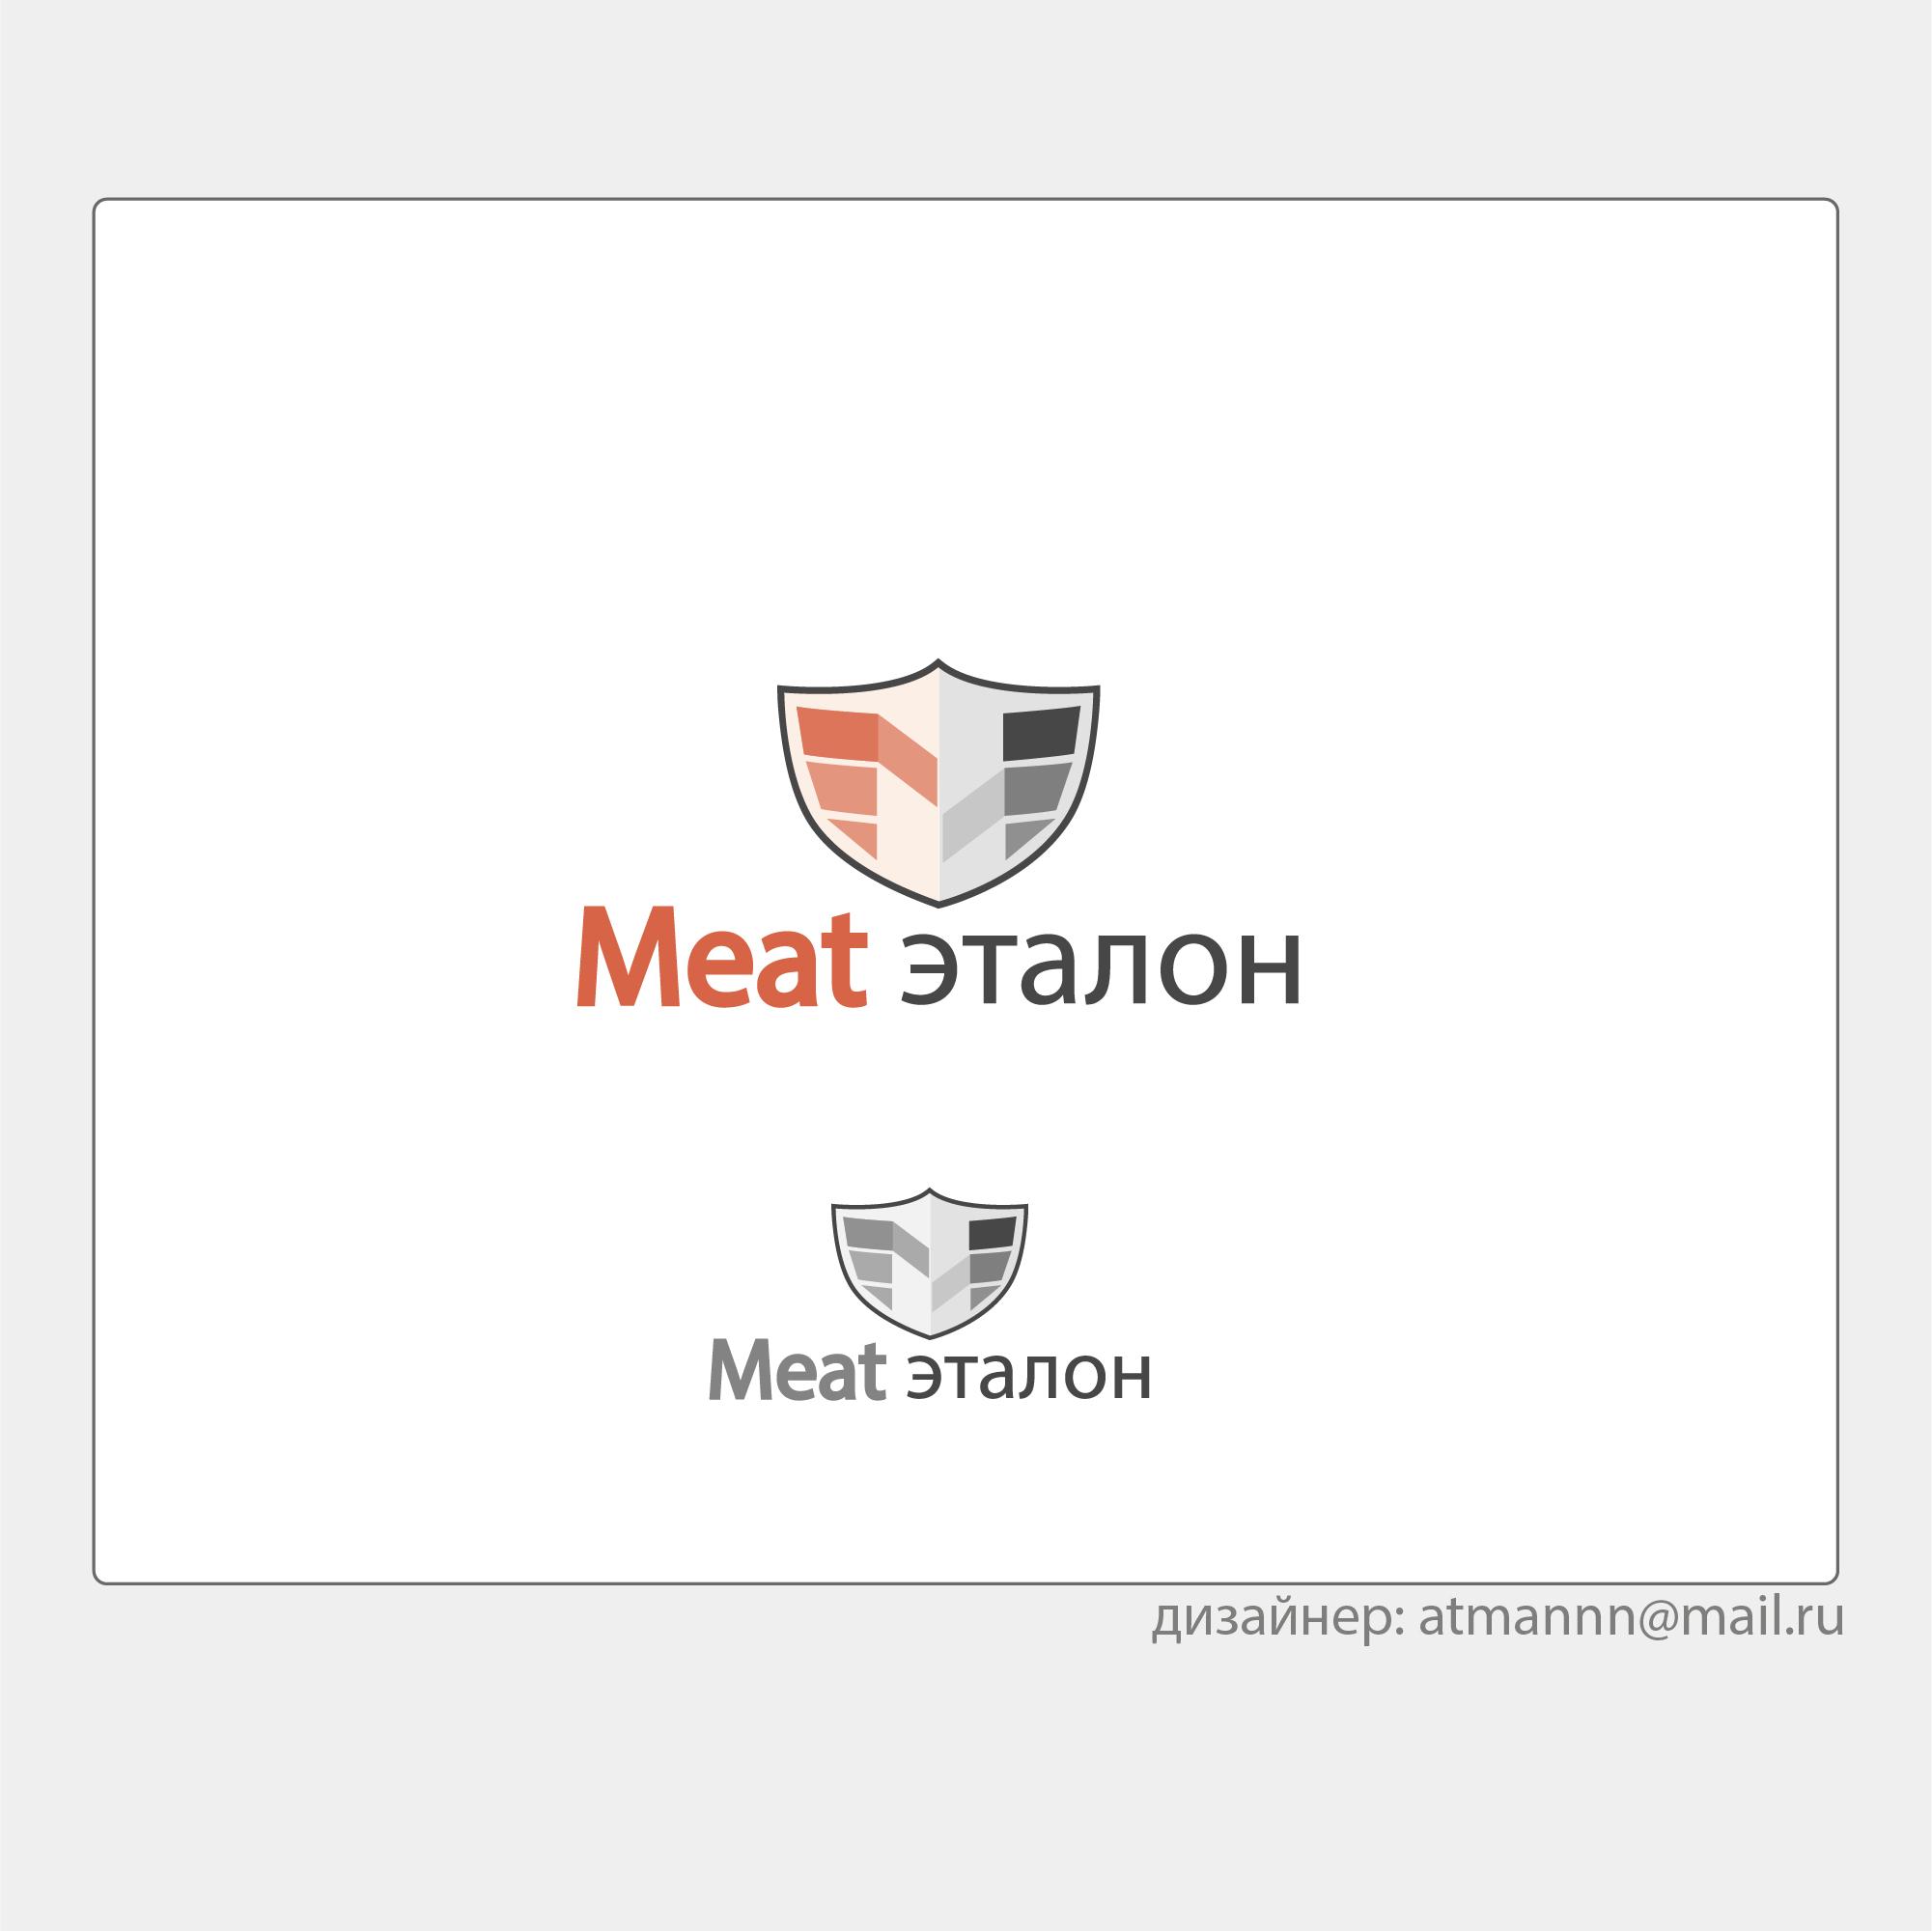 Логотип компании «Meat эталон» фото f_29157013365284be.jpg